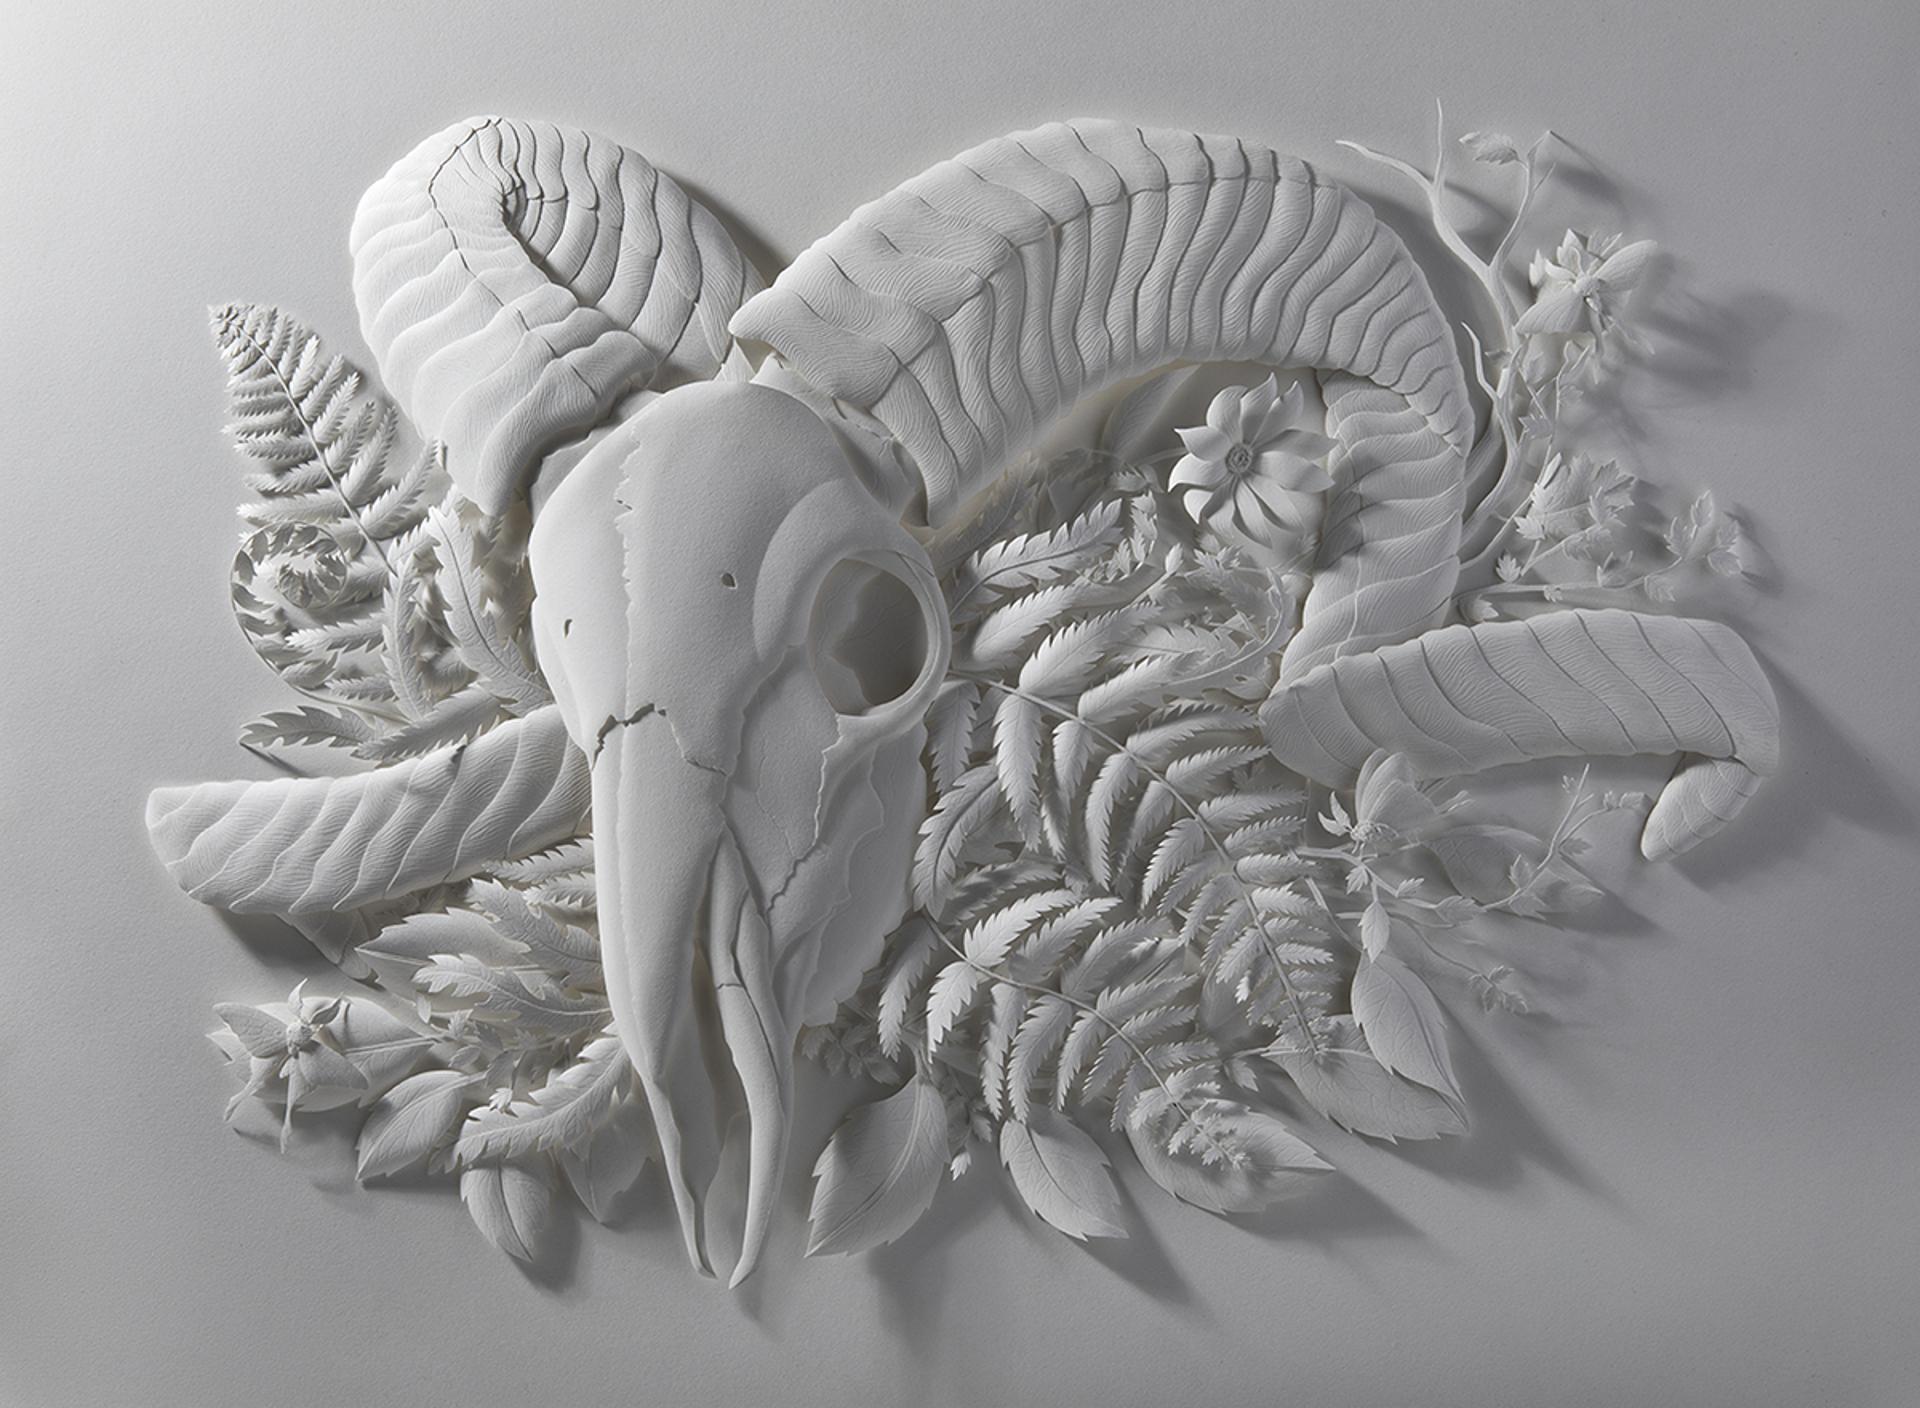 Metamorphosis by Marisa Aragón Ware